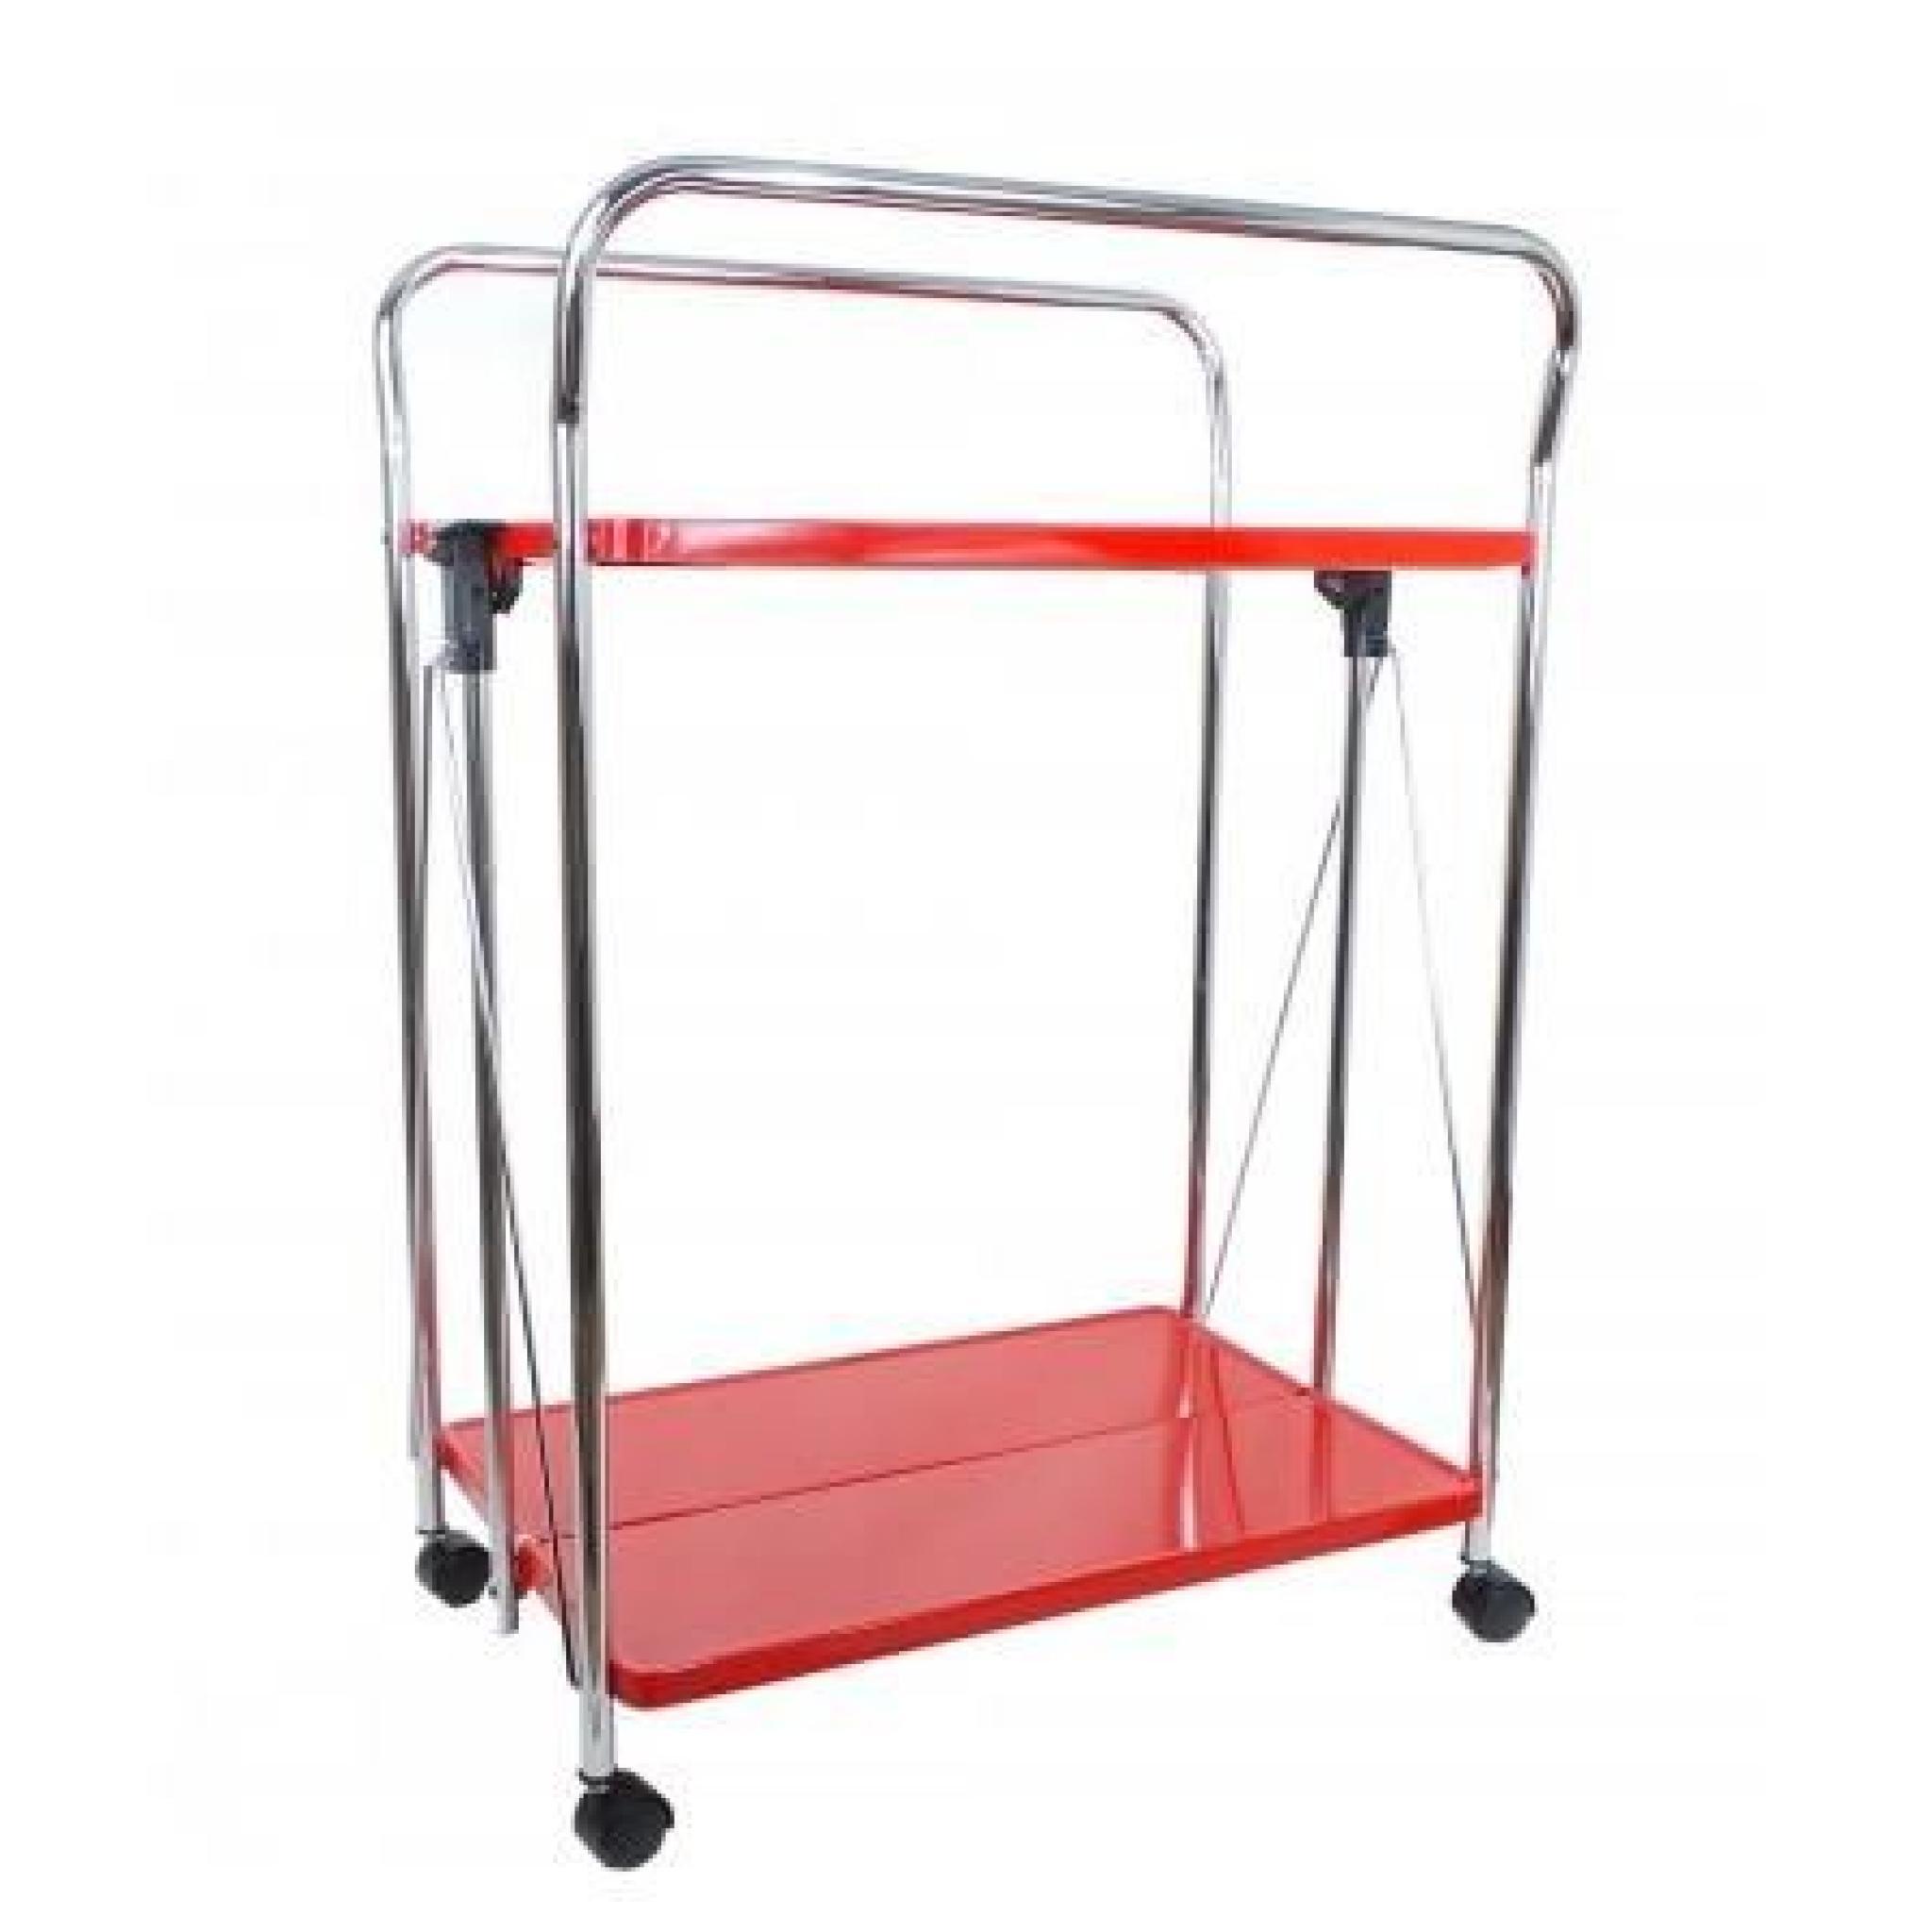 table roulante rouge pliable 2 tages achat vente table salle a manger pas cher couleur et. Black Bedroom Furniture Sets. Home Design Ideas